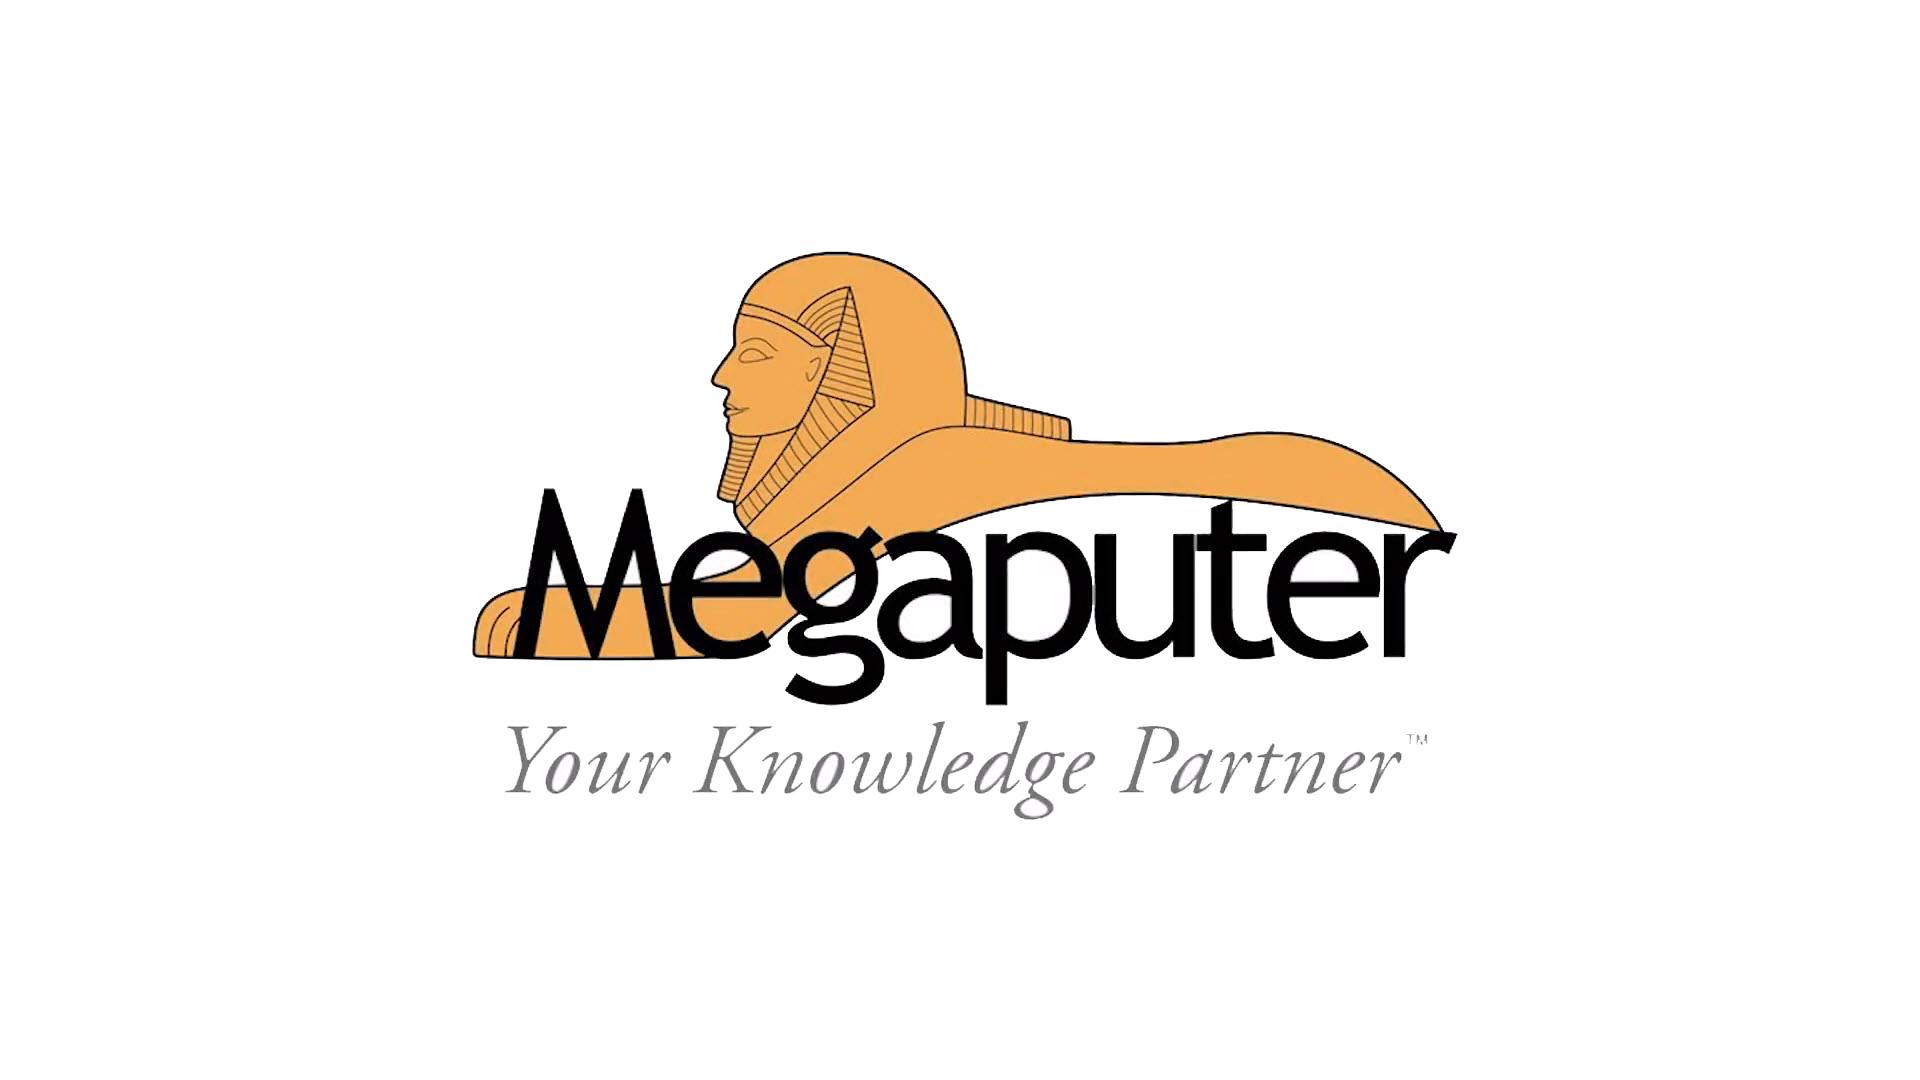 Megaputer